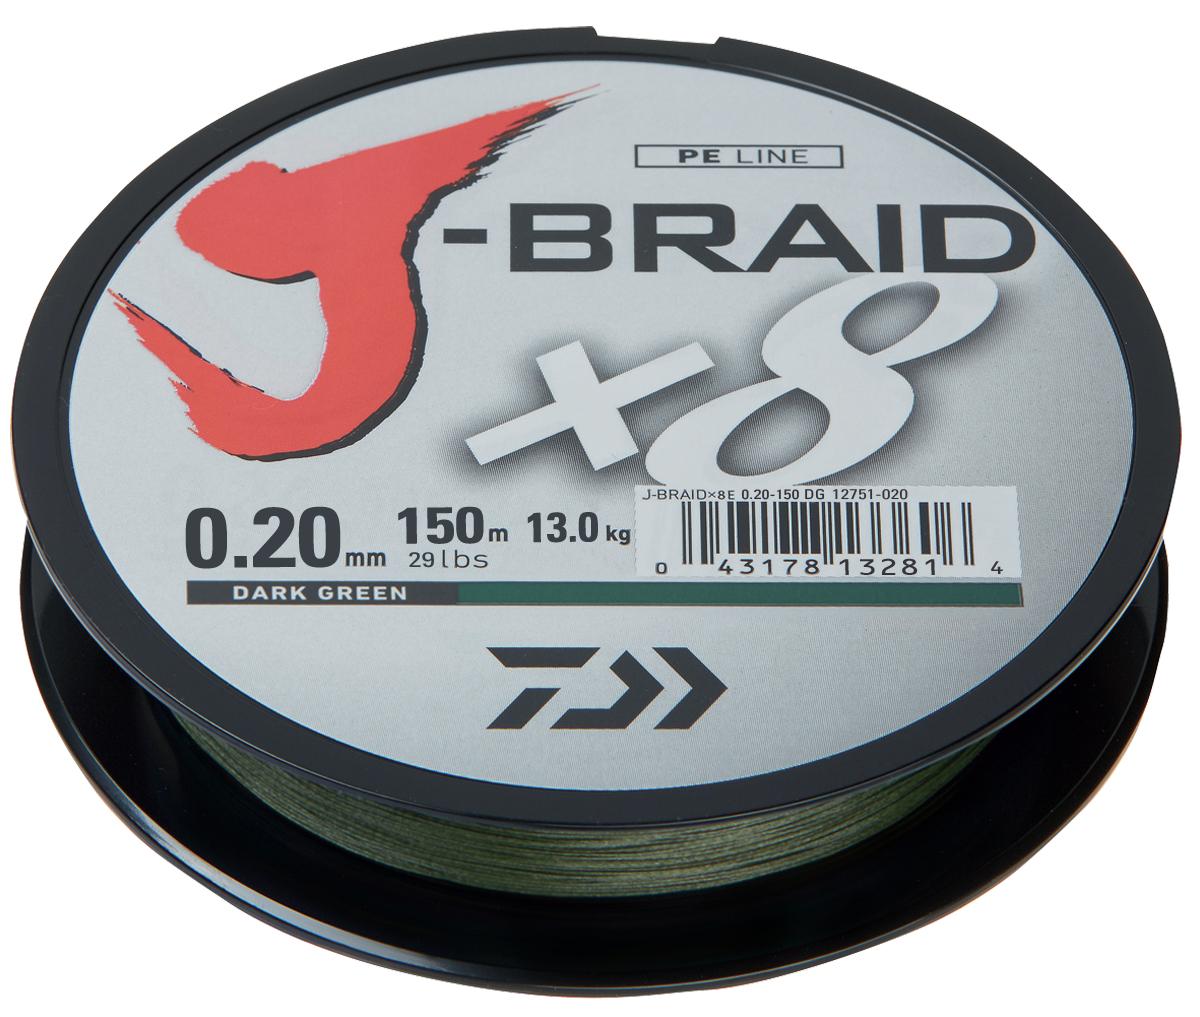 Леска плетеная DAIWA J-Braid X8 0,20мм 150м (зеленая)Леска плетеная<br>Новый J-Braid от DAIWA - исключительный шнур с <br>плетением в 8 нитей. Он полностью удовлетворяет <br>всем требованиям. предьявляемым высококачественным <br>плетеным шнурам. Неважно, собрались ли вы <br>ловить крупных морских хищников, как палтус, <br>треска или спйда, или окуня и судака, с вашим <br>новым J-Braid вы всегда контролируете рыбу. <br>J-Braid предлагает соответствующий диаметр <br>для любых техник ловли: море, река или озеро <br>- невероятно прочный и надежный. J-Braid скользит <br>через кольца, обеспечивая дальний и точный <br>заброс даже самых легких приманок. Идеален <br>для спиннинговых и бейткастинговых катушек! <br>Невероятное соотношение цены и качества! <br>-Плетение 8 нитей -Круглое сечение -Высокая <br>прочность на разрыв -Высокая износостойкость <br>-Не растягивается -Сделан в Японии<br>